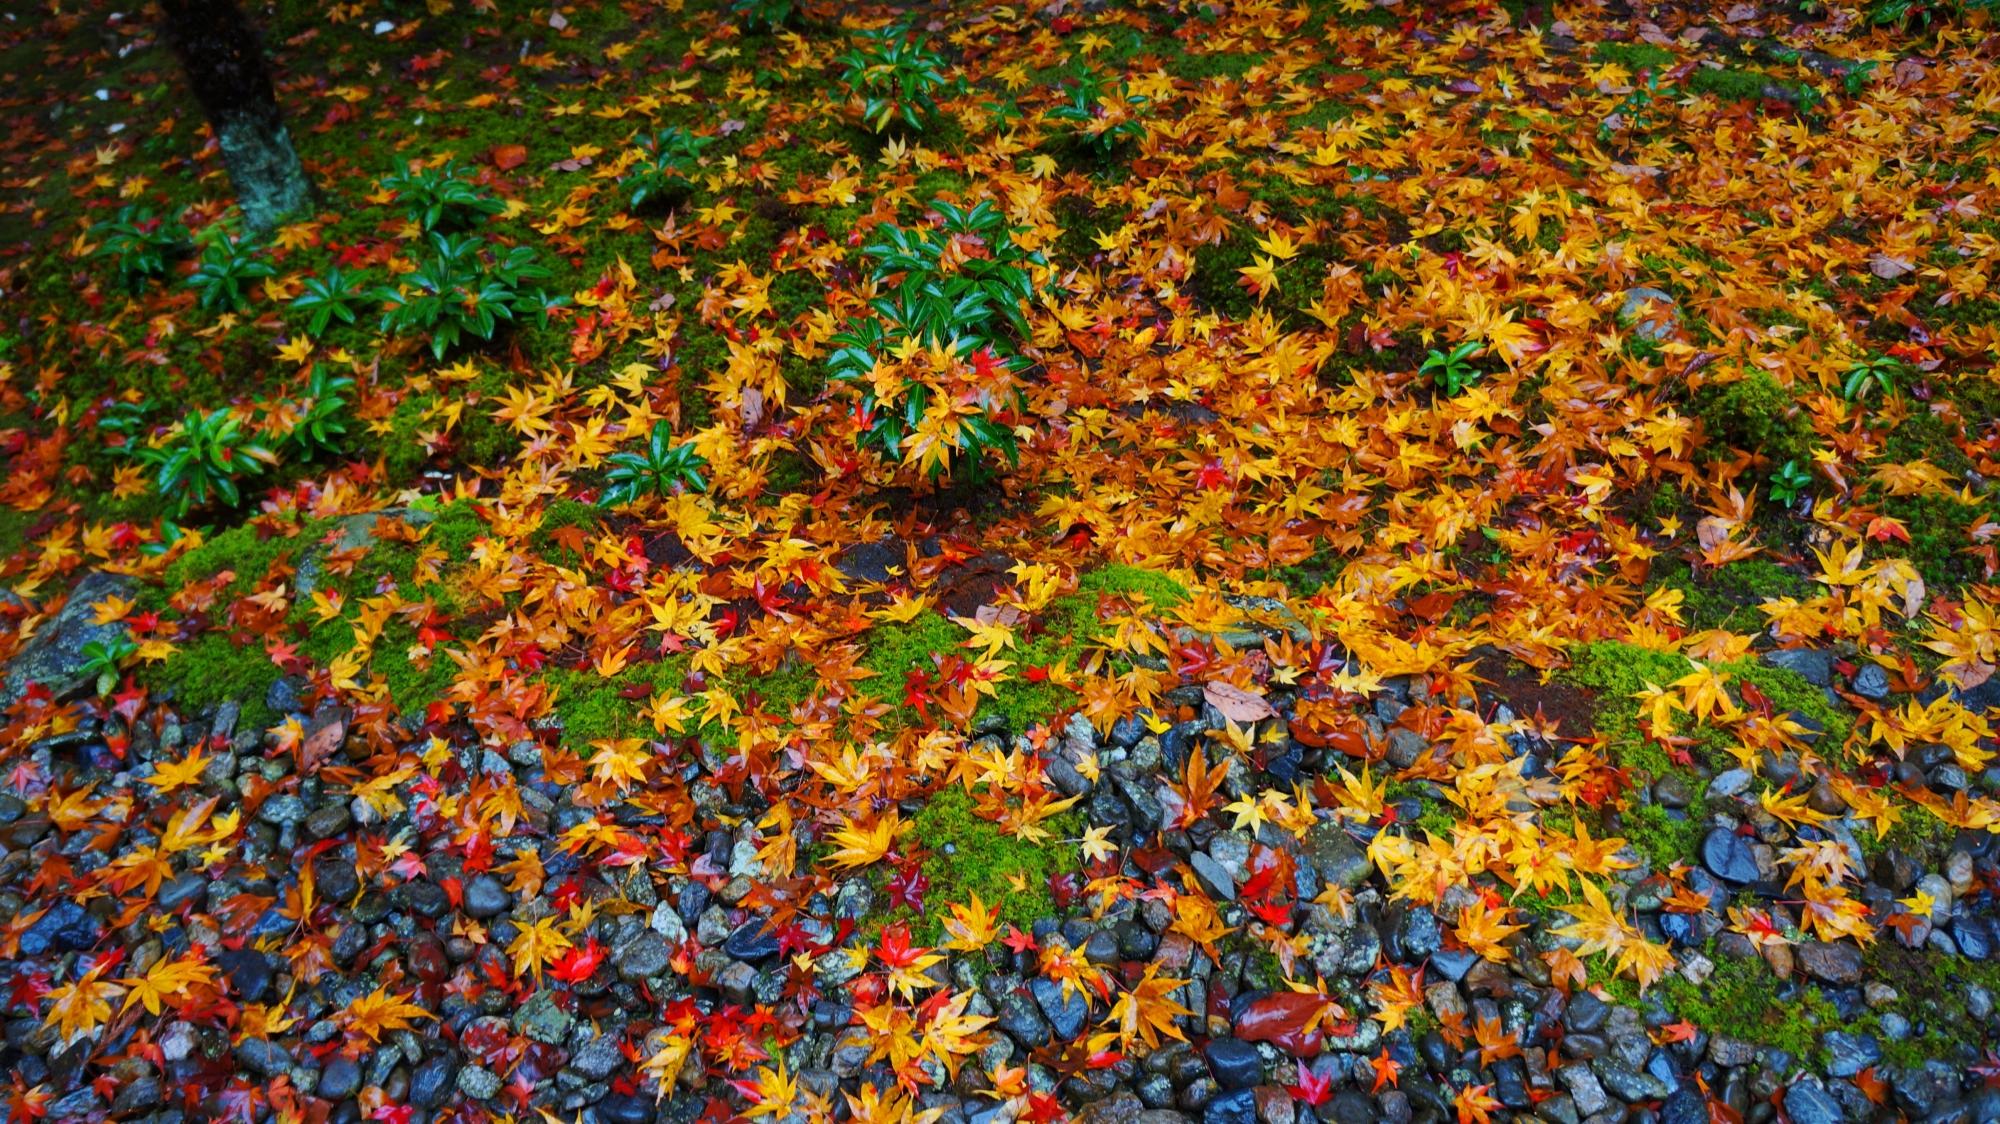 栖賢寺の本堂前の見事な散紅葉